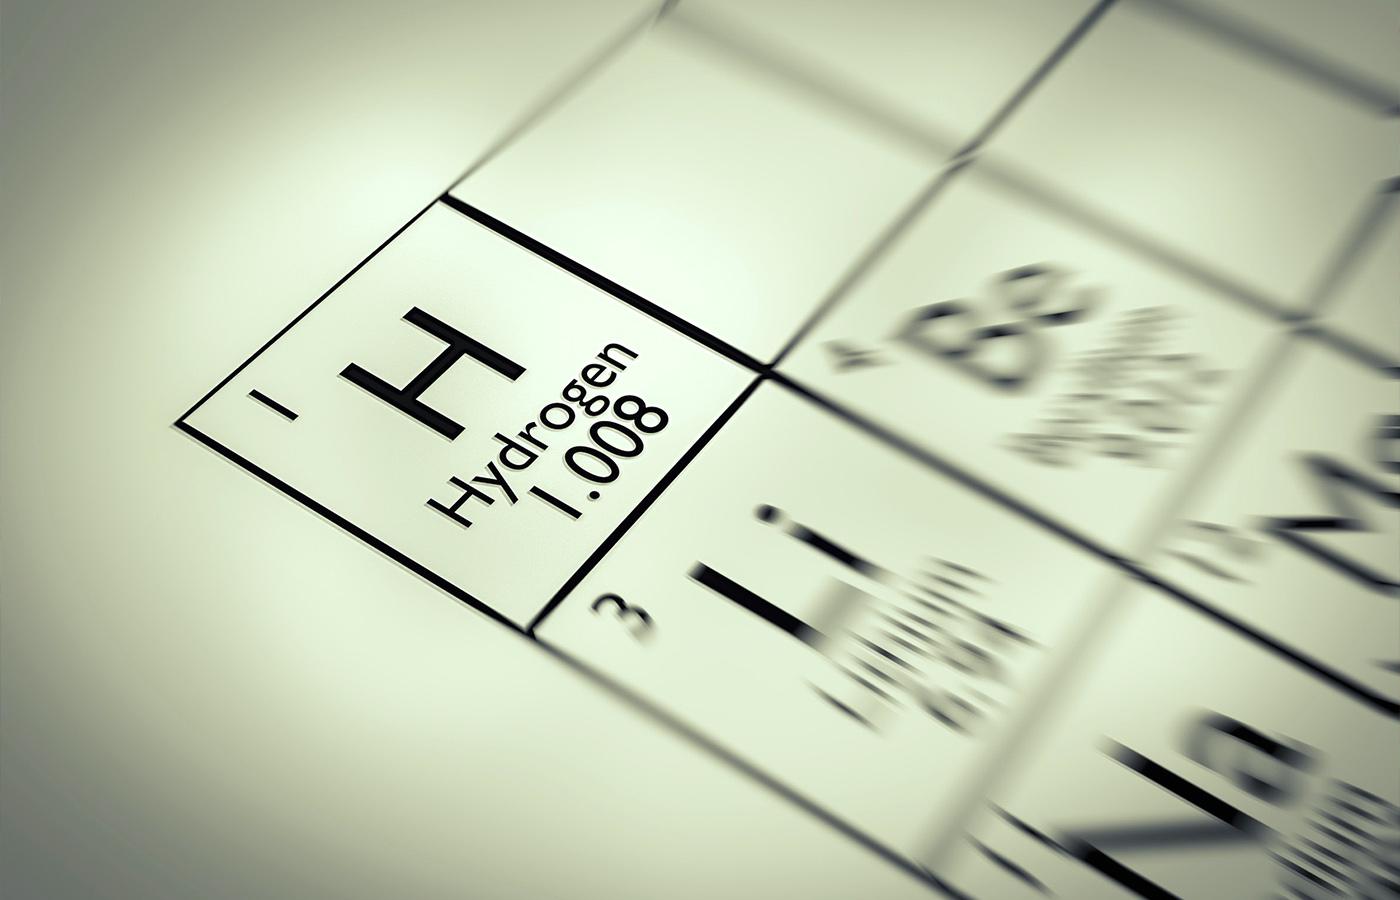 Το υδρογόνο ως μέταλλο από τον Πέτρο Ζωγράφο edd3f7c06fe